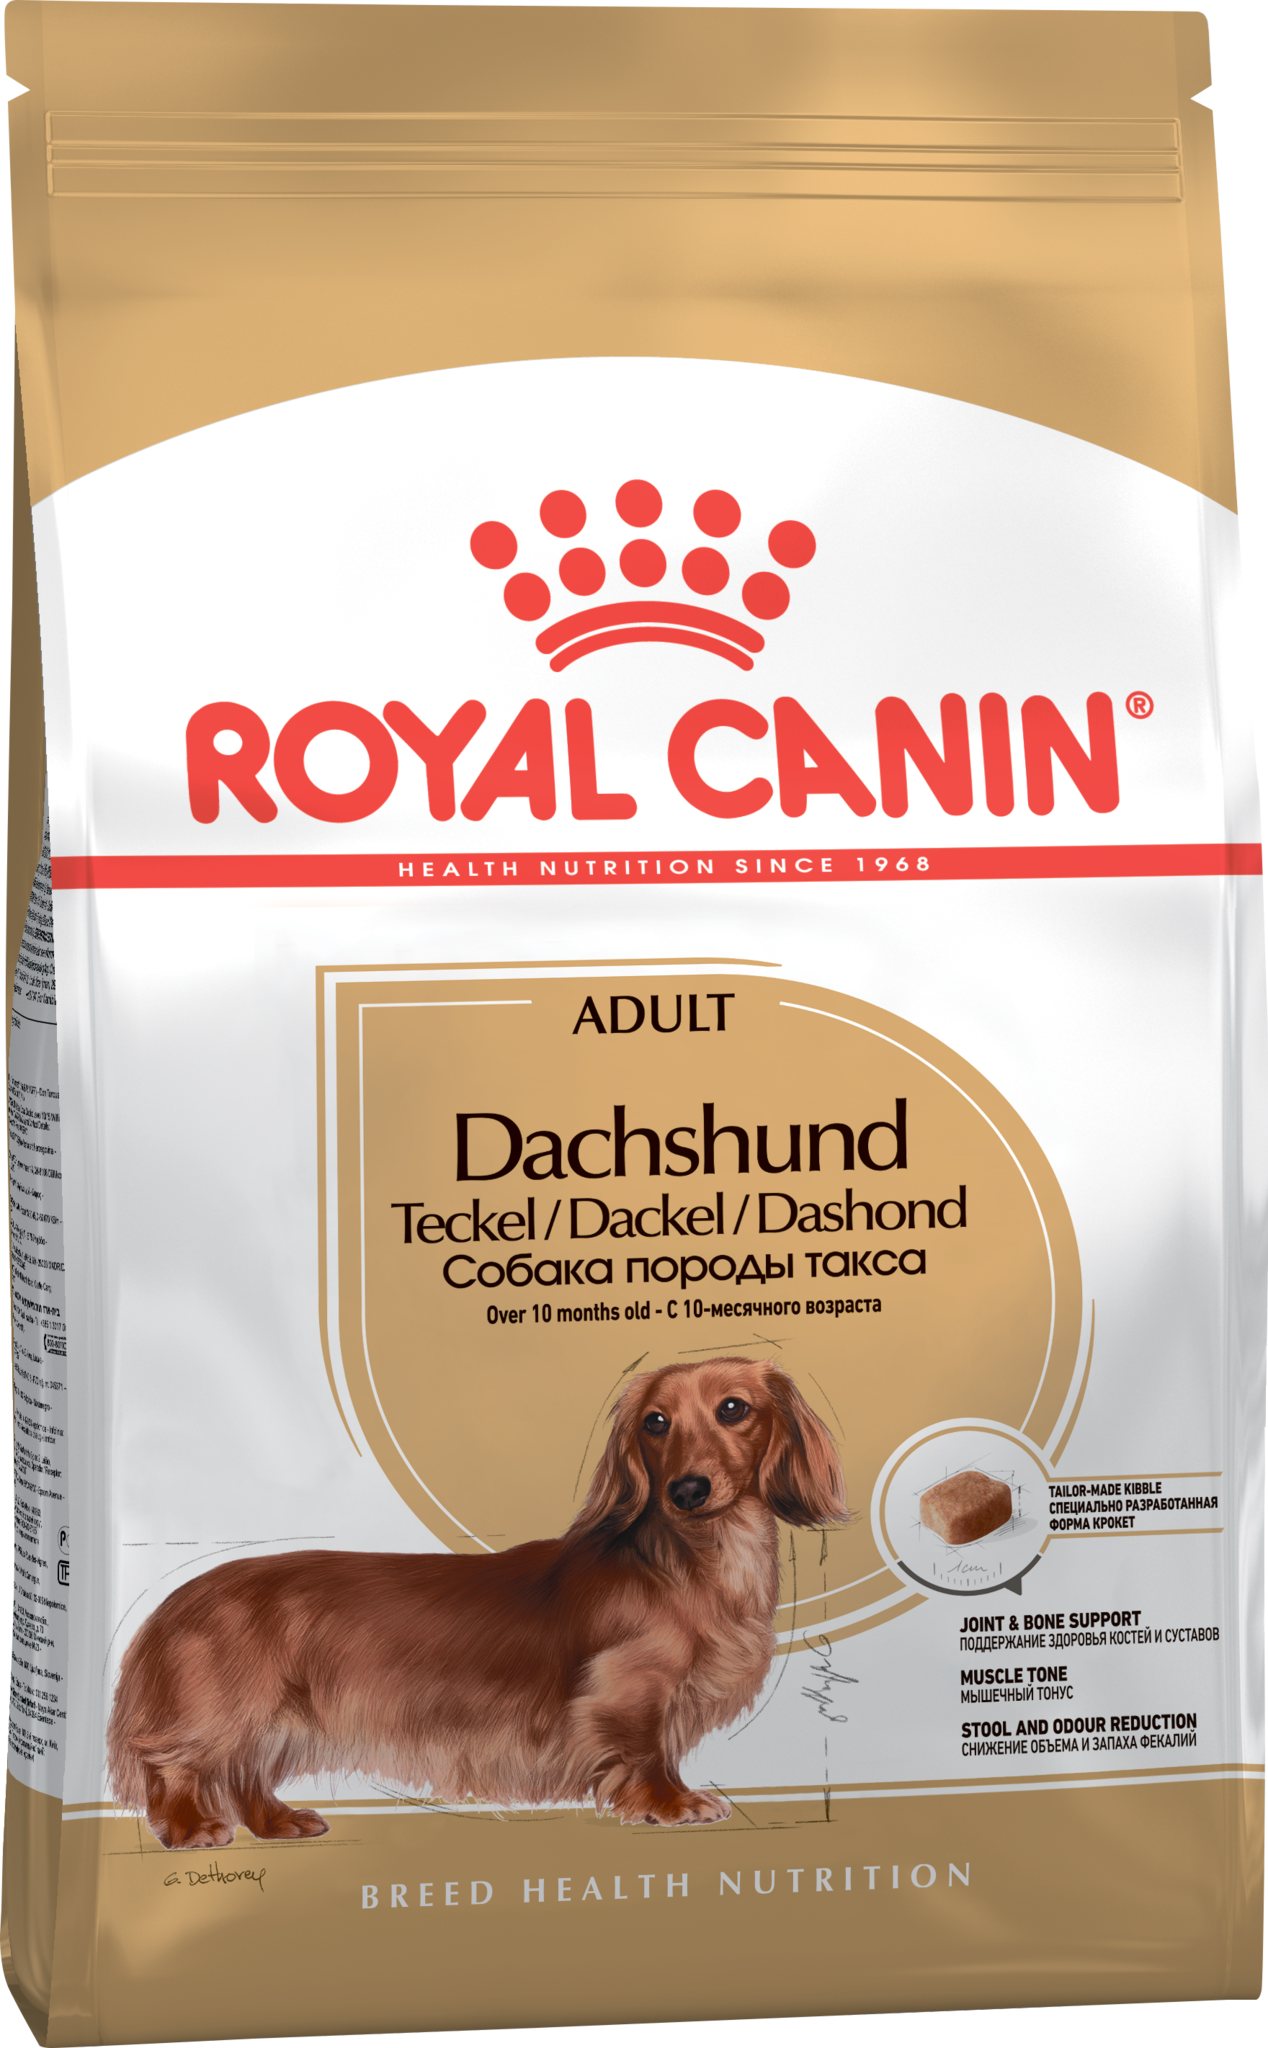 Royal Canin Корм для собак породы такса, Royal Canin Dachshund Adult 686015.png